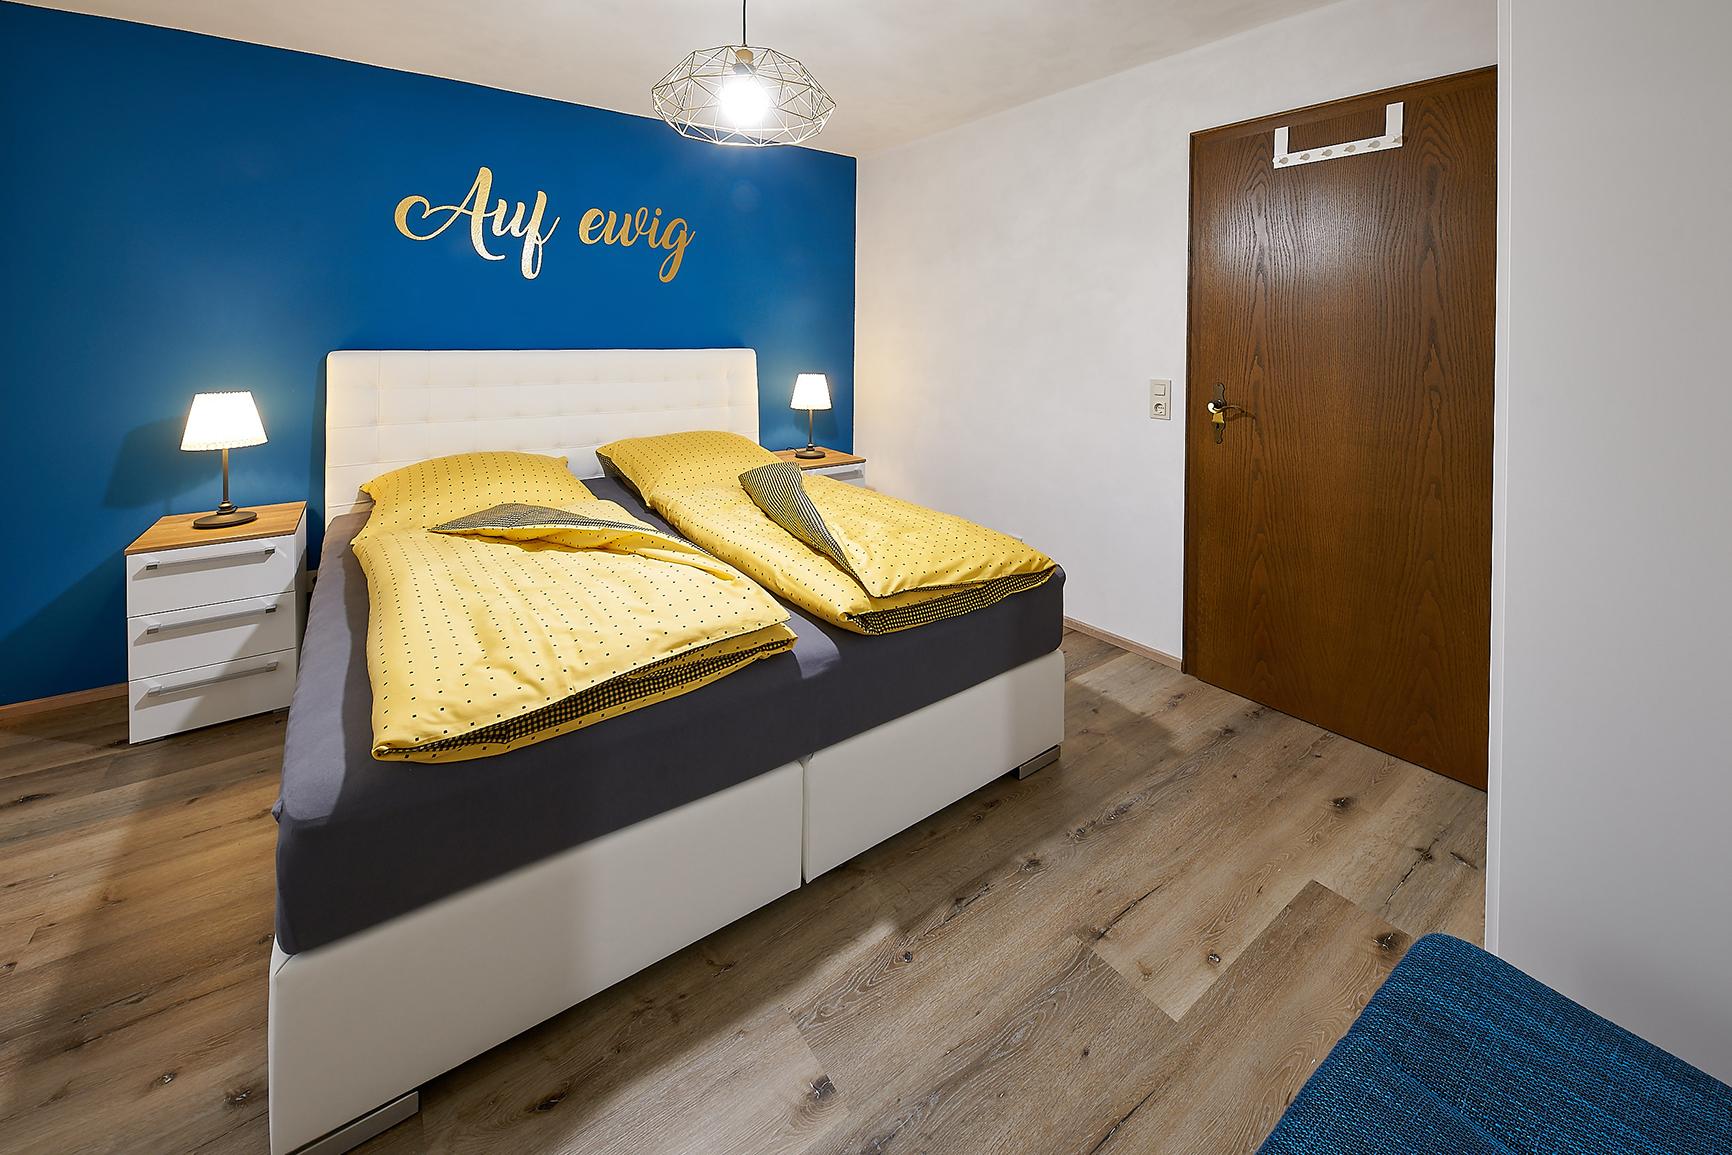 Ferienhaus Mosel-Herberge Schlafzimmer Auf ewig